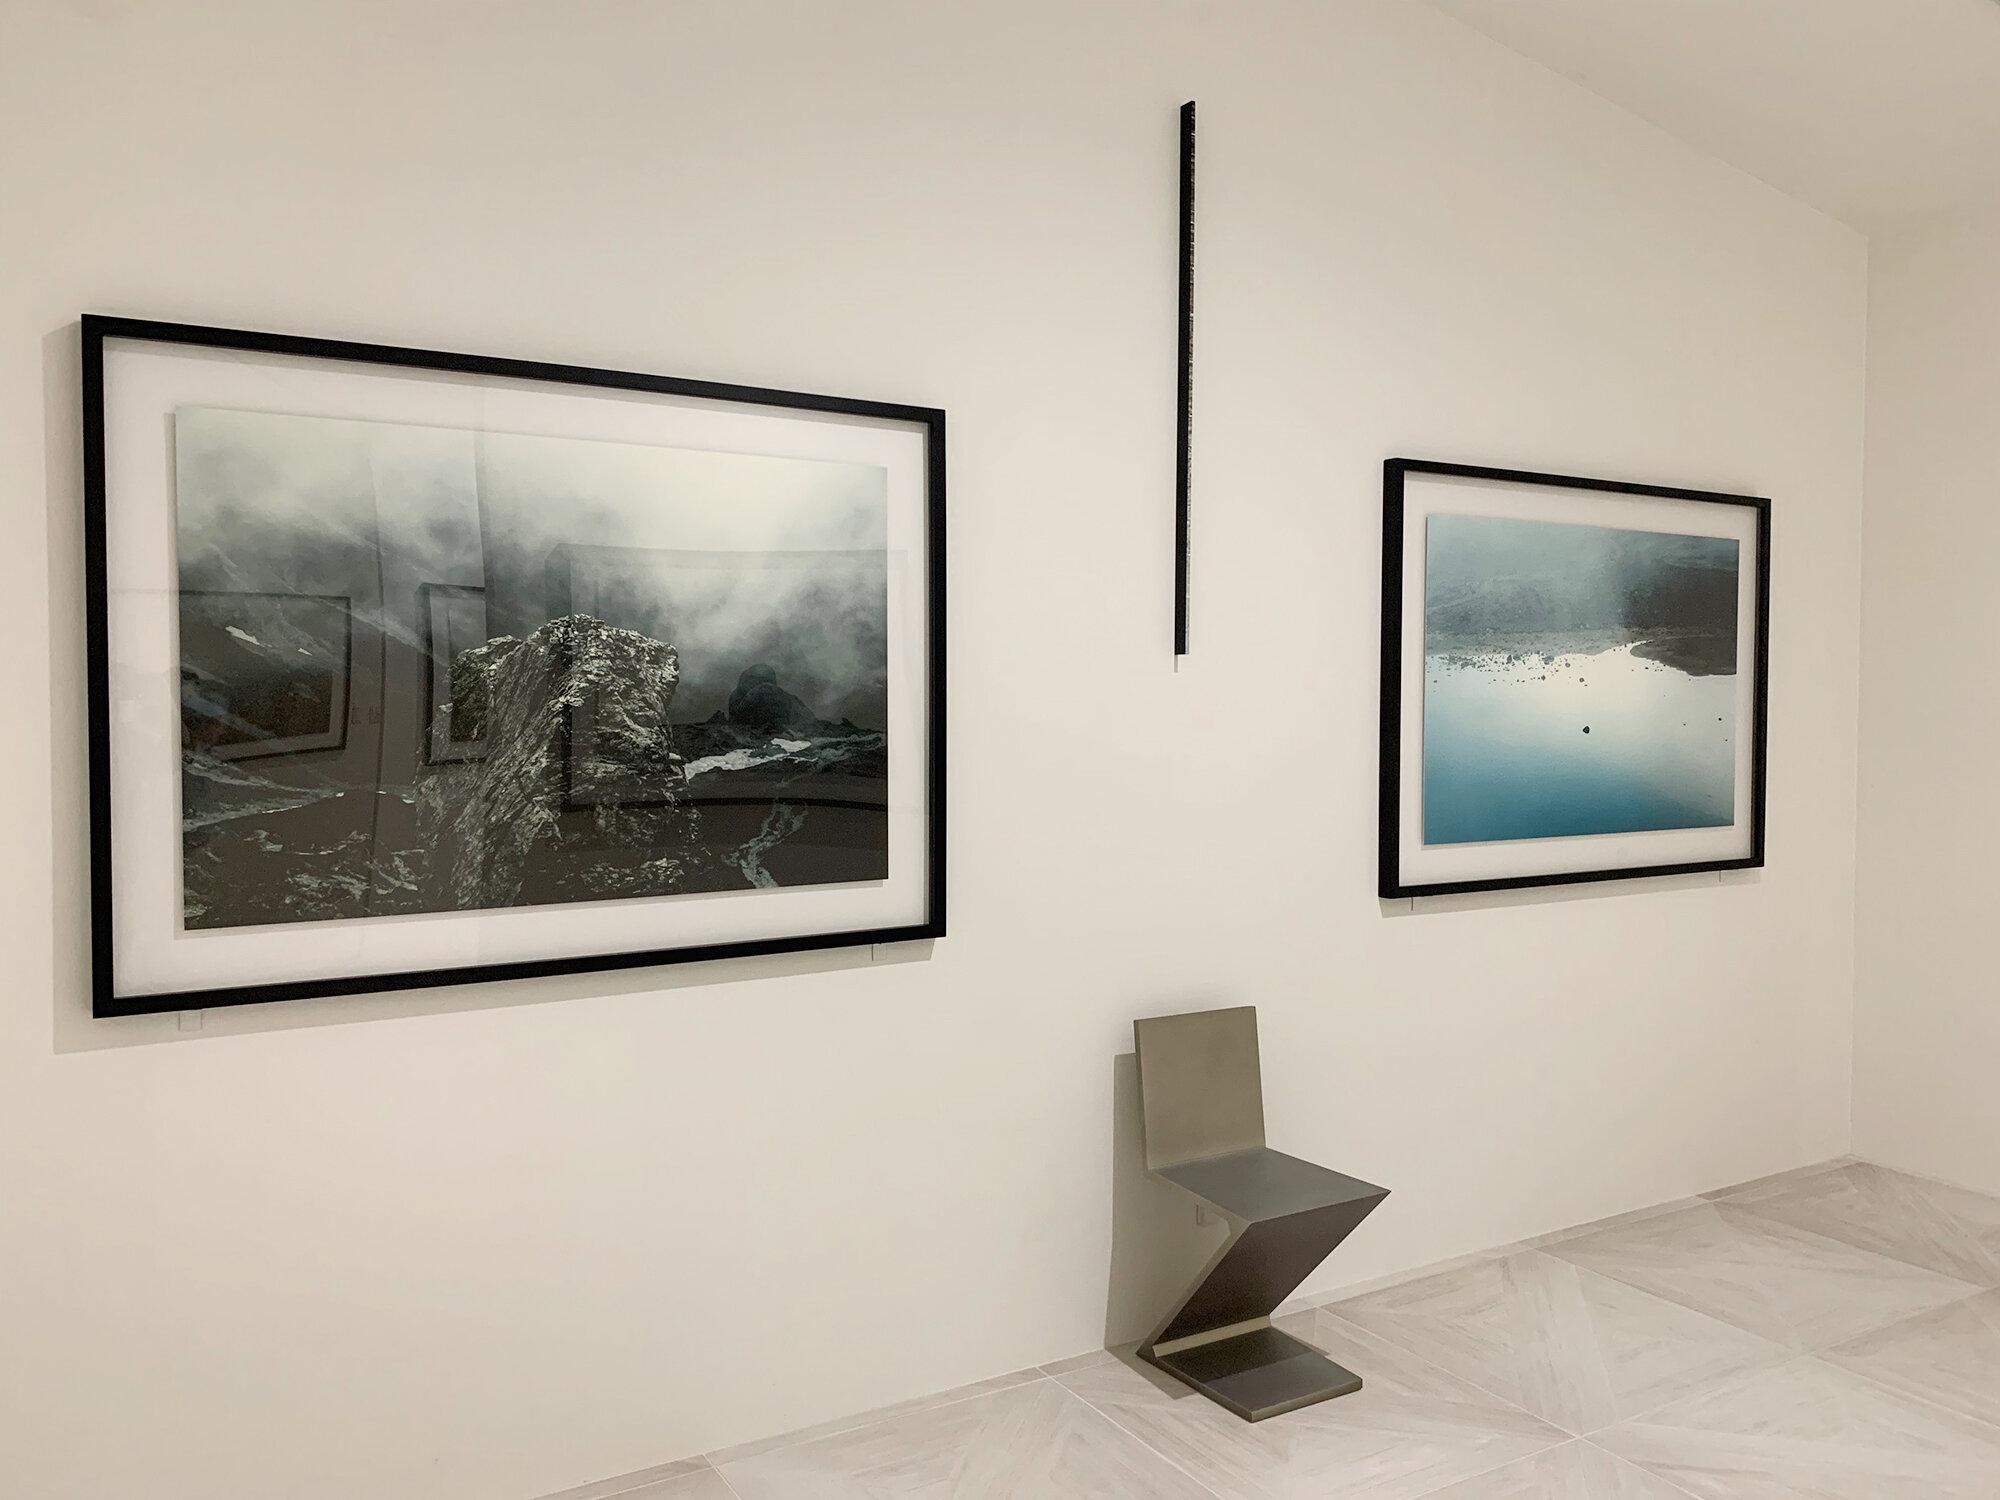 真ん中の黒い作品は漆を扱う岩田俊彦さんの作品で、正面から見ると螺鈿細工がキラキラと光るとても美しい作品です。空間が引き締まります。